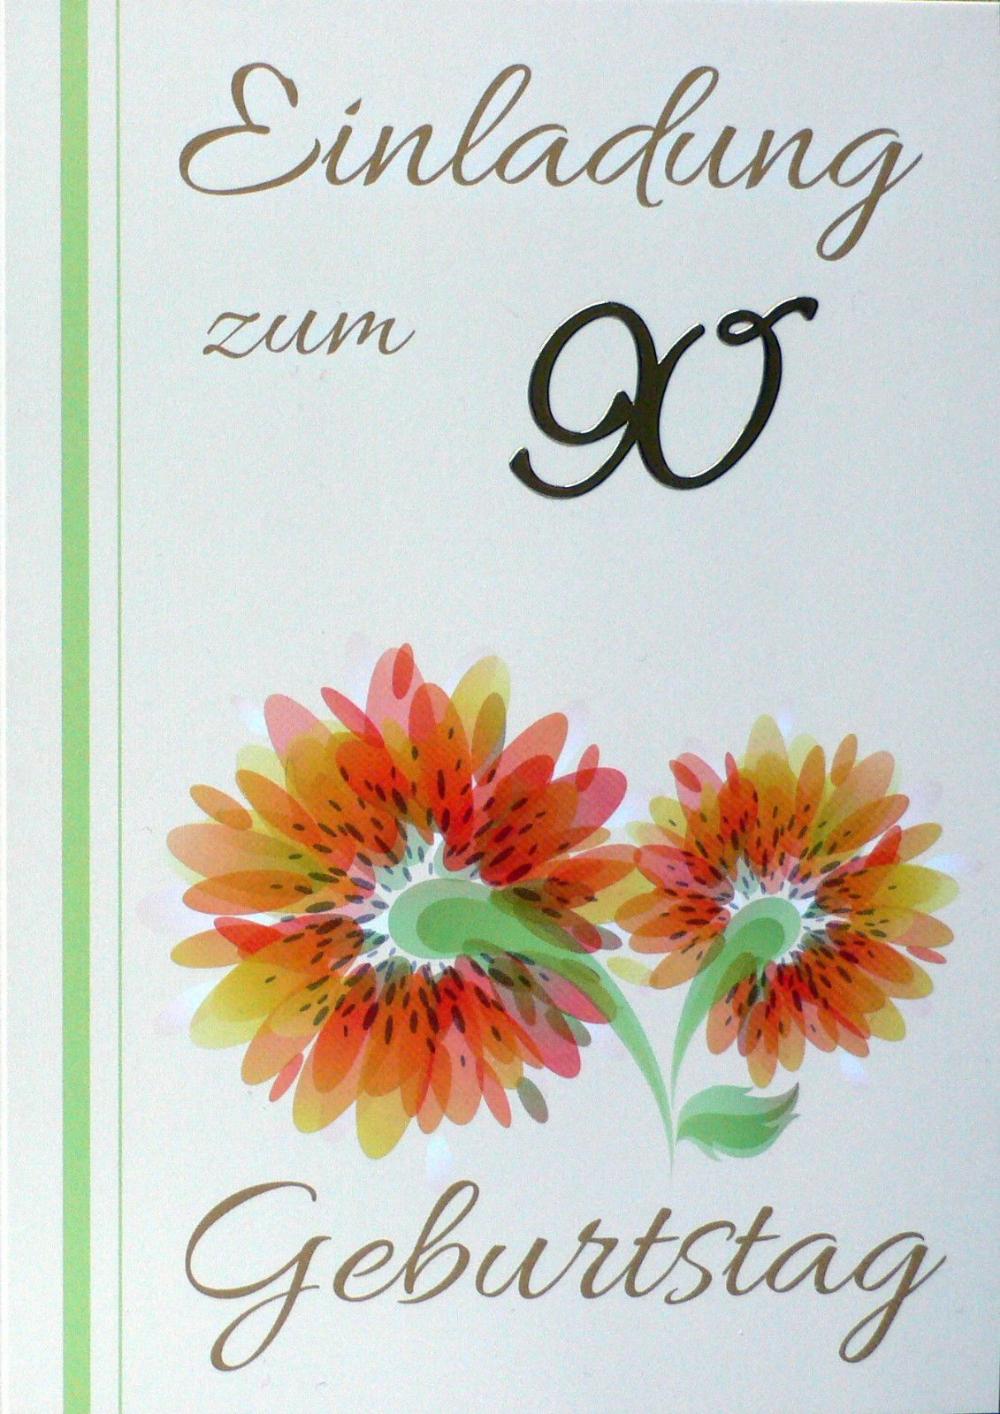 Einladung Geburtstag Einladungskarten 90 Geburtstag Geburstag Einladungska Einladung Geburtstag Einladungen Zum 90 Geburtstag Spruche Einladung Geburtstag